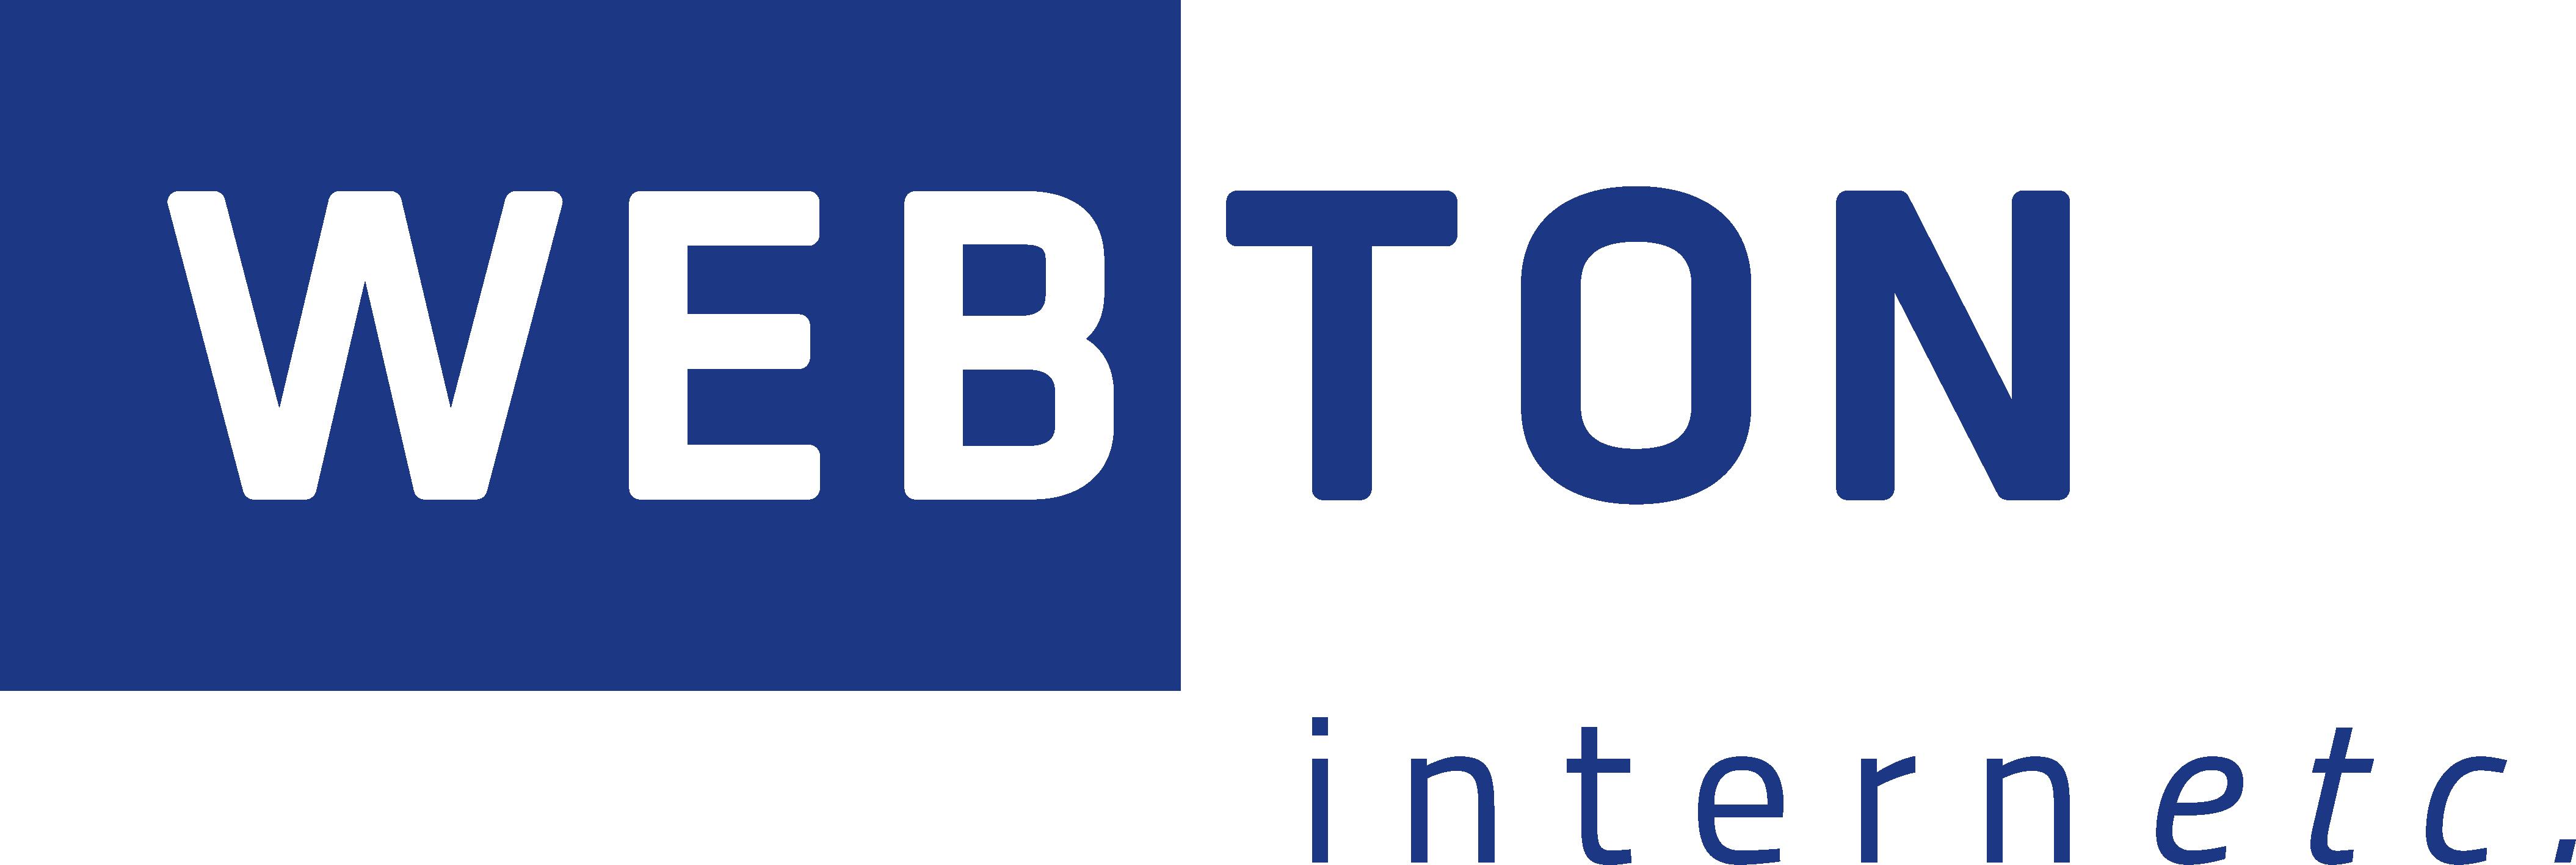 https://www.webton.nl/webdesign.html